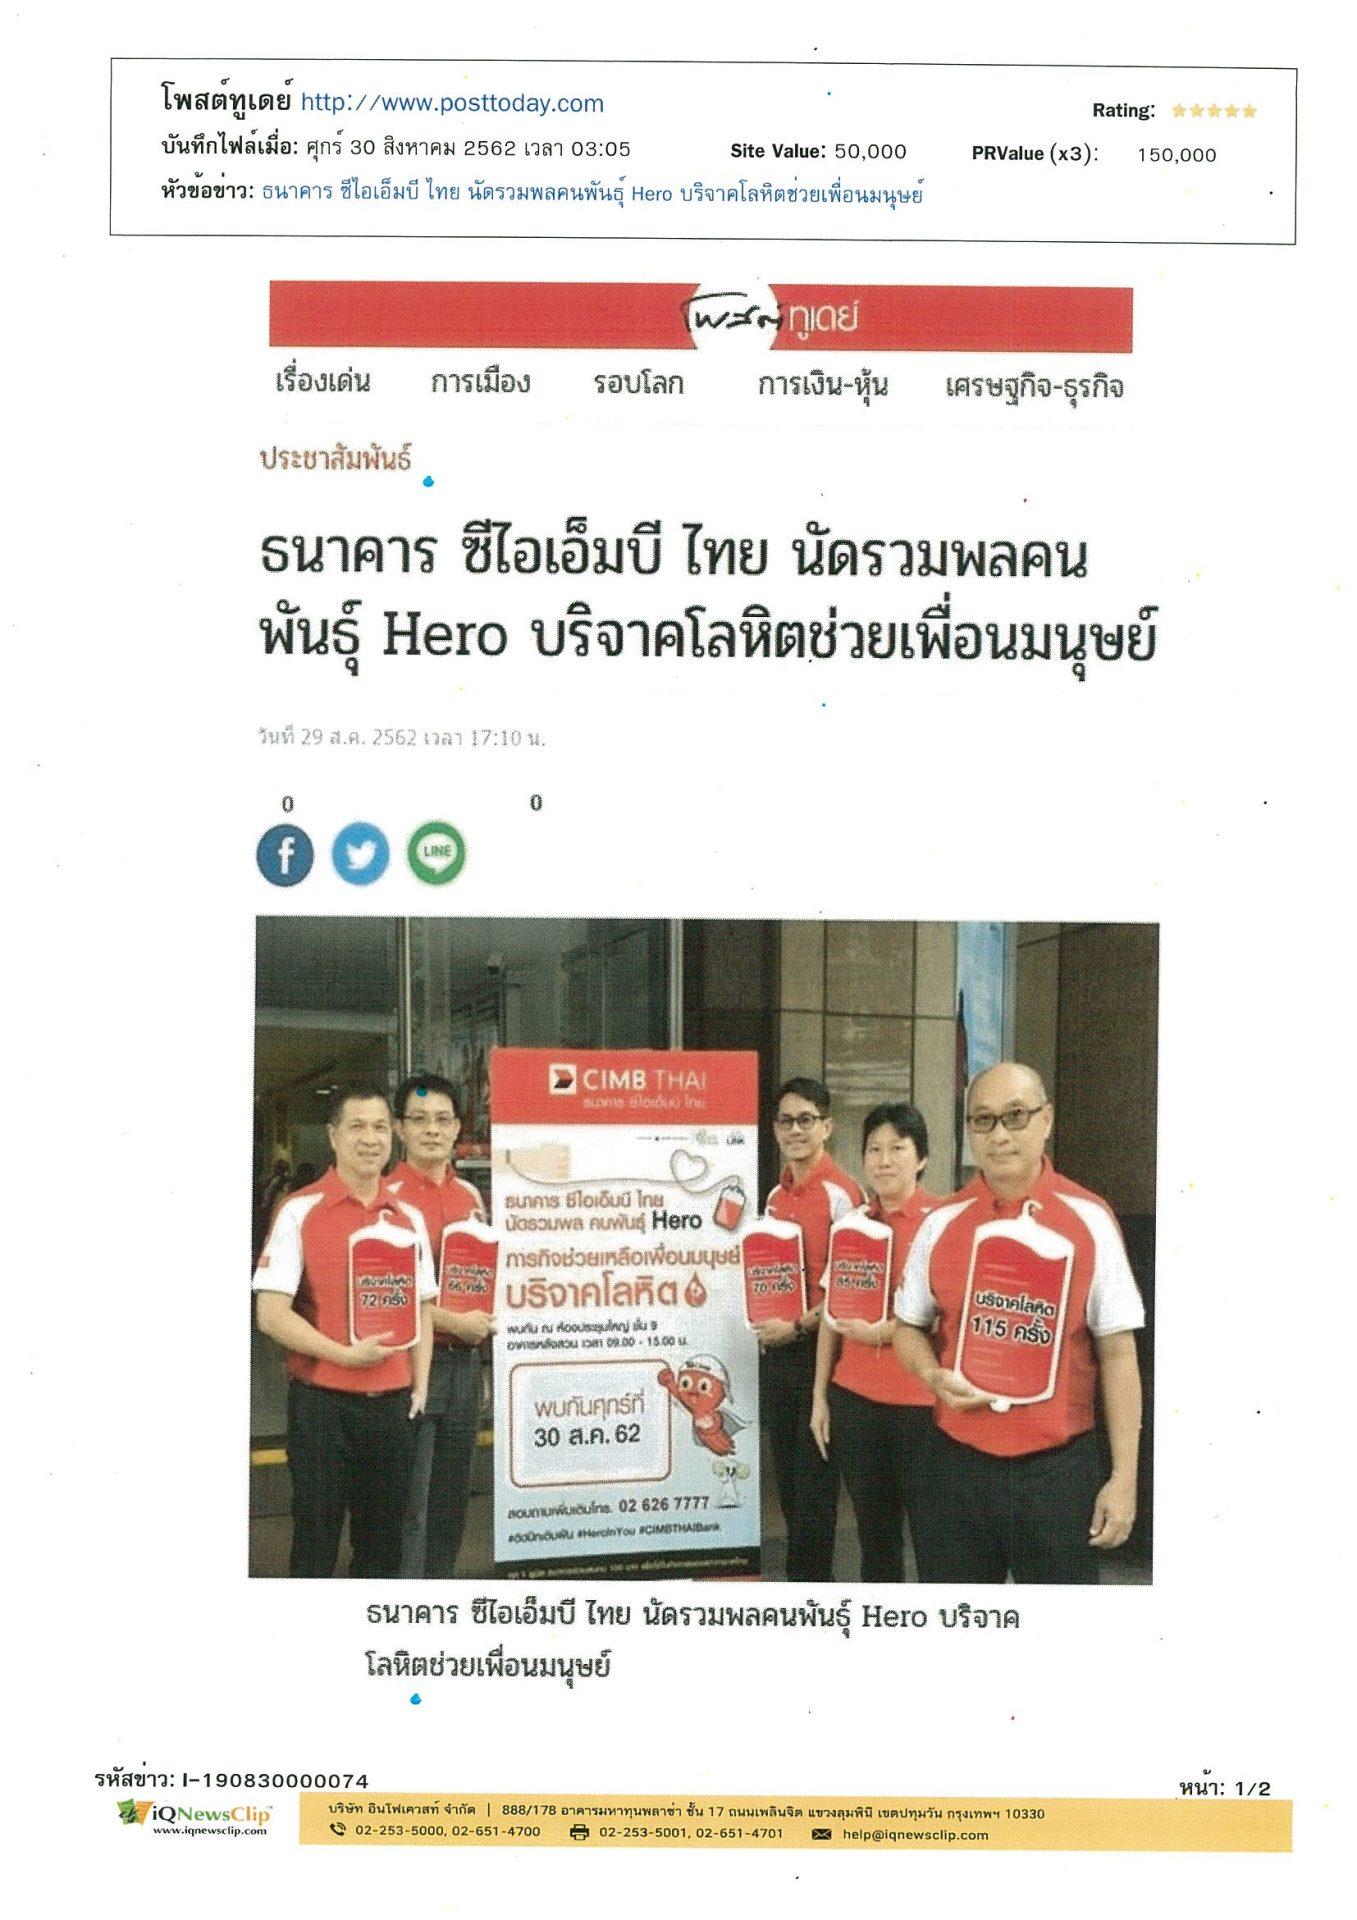 เชิญชวนบริจาคโลหิตให้แก่สภากาชาดไทย